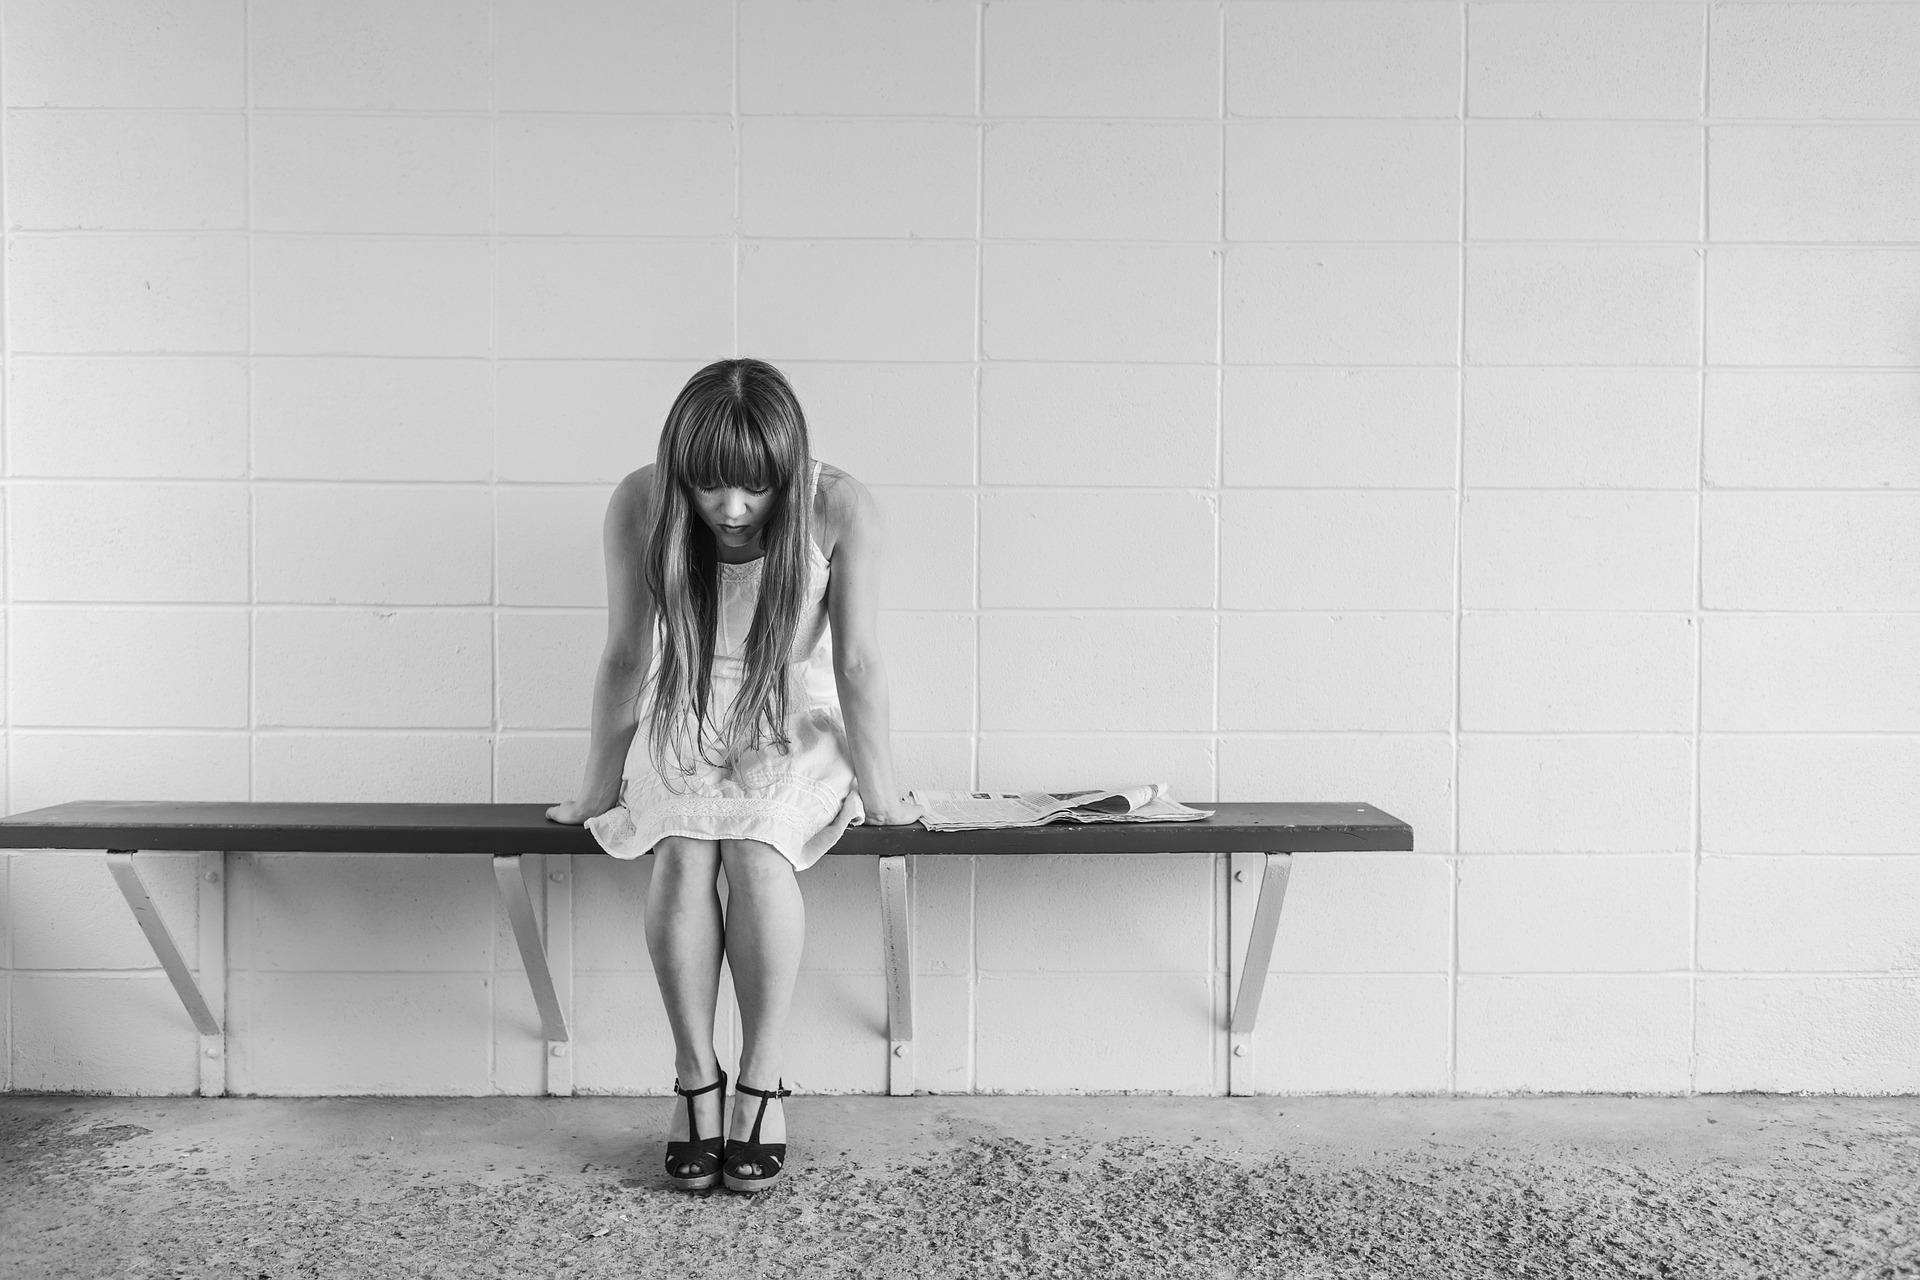 worried-girl-413690_1920-pixabay